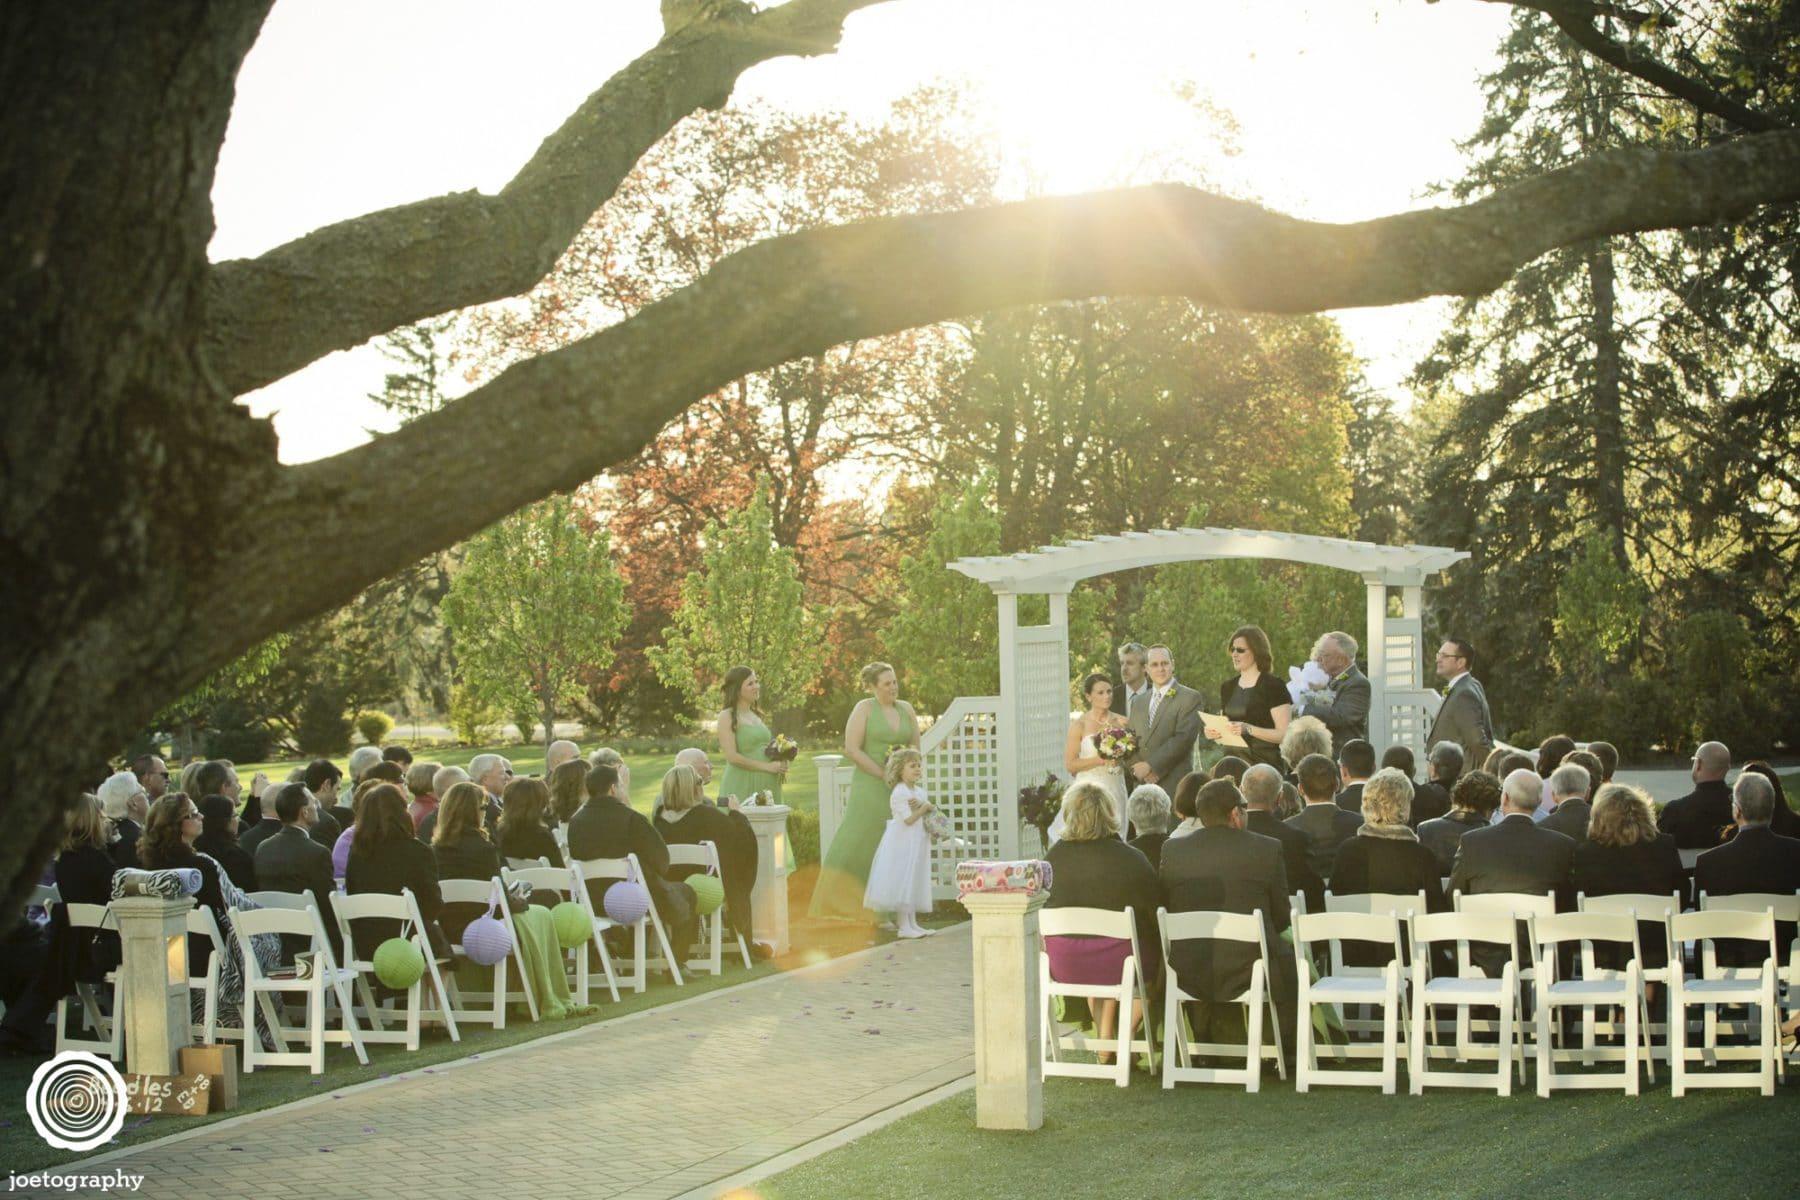 Beedles-Wedding-Photos-Naperville-Illinois-74